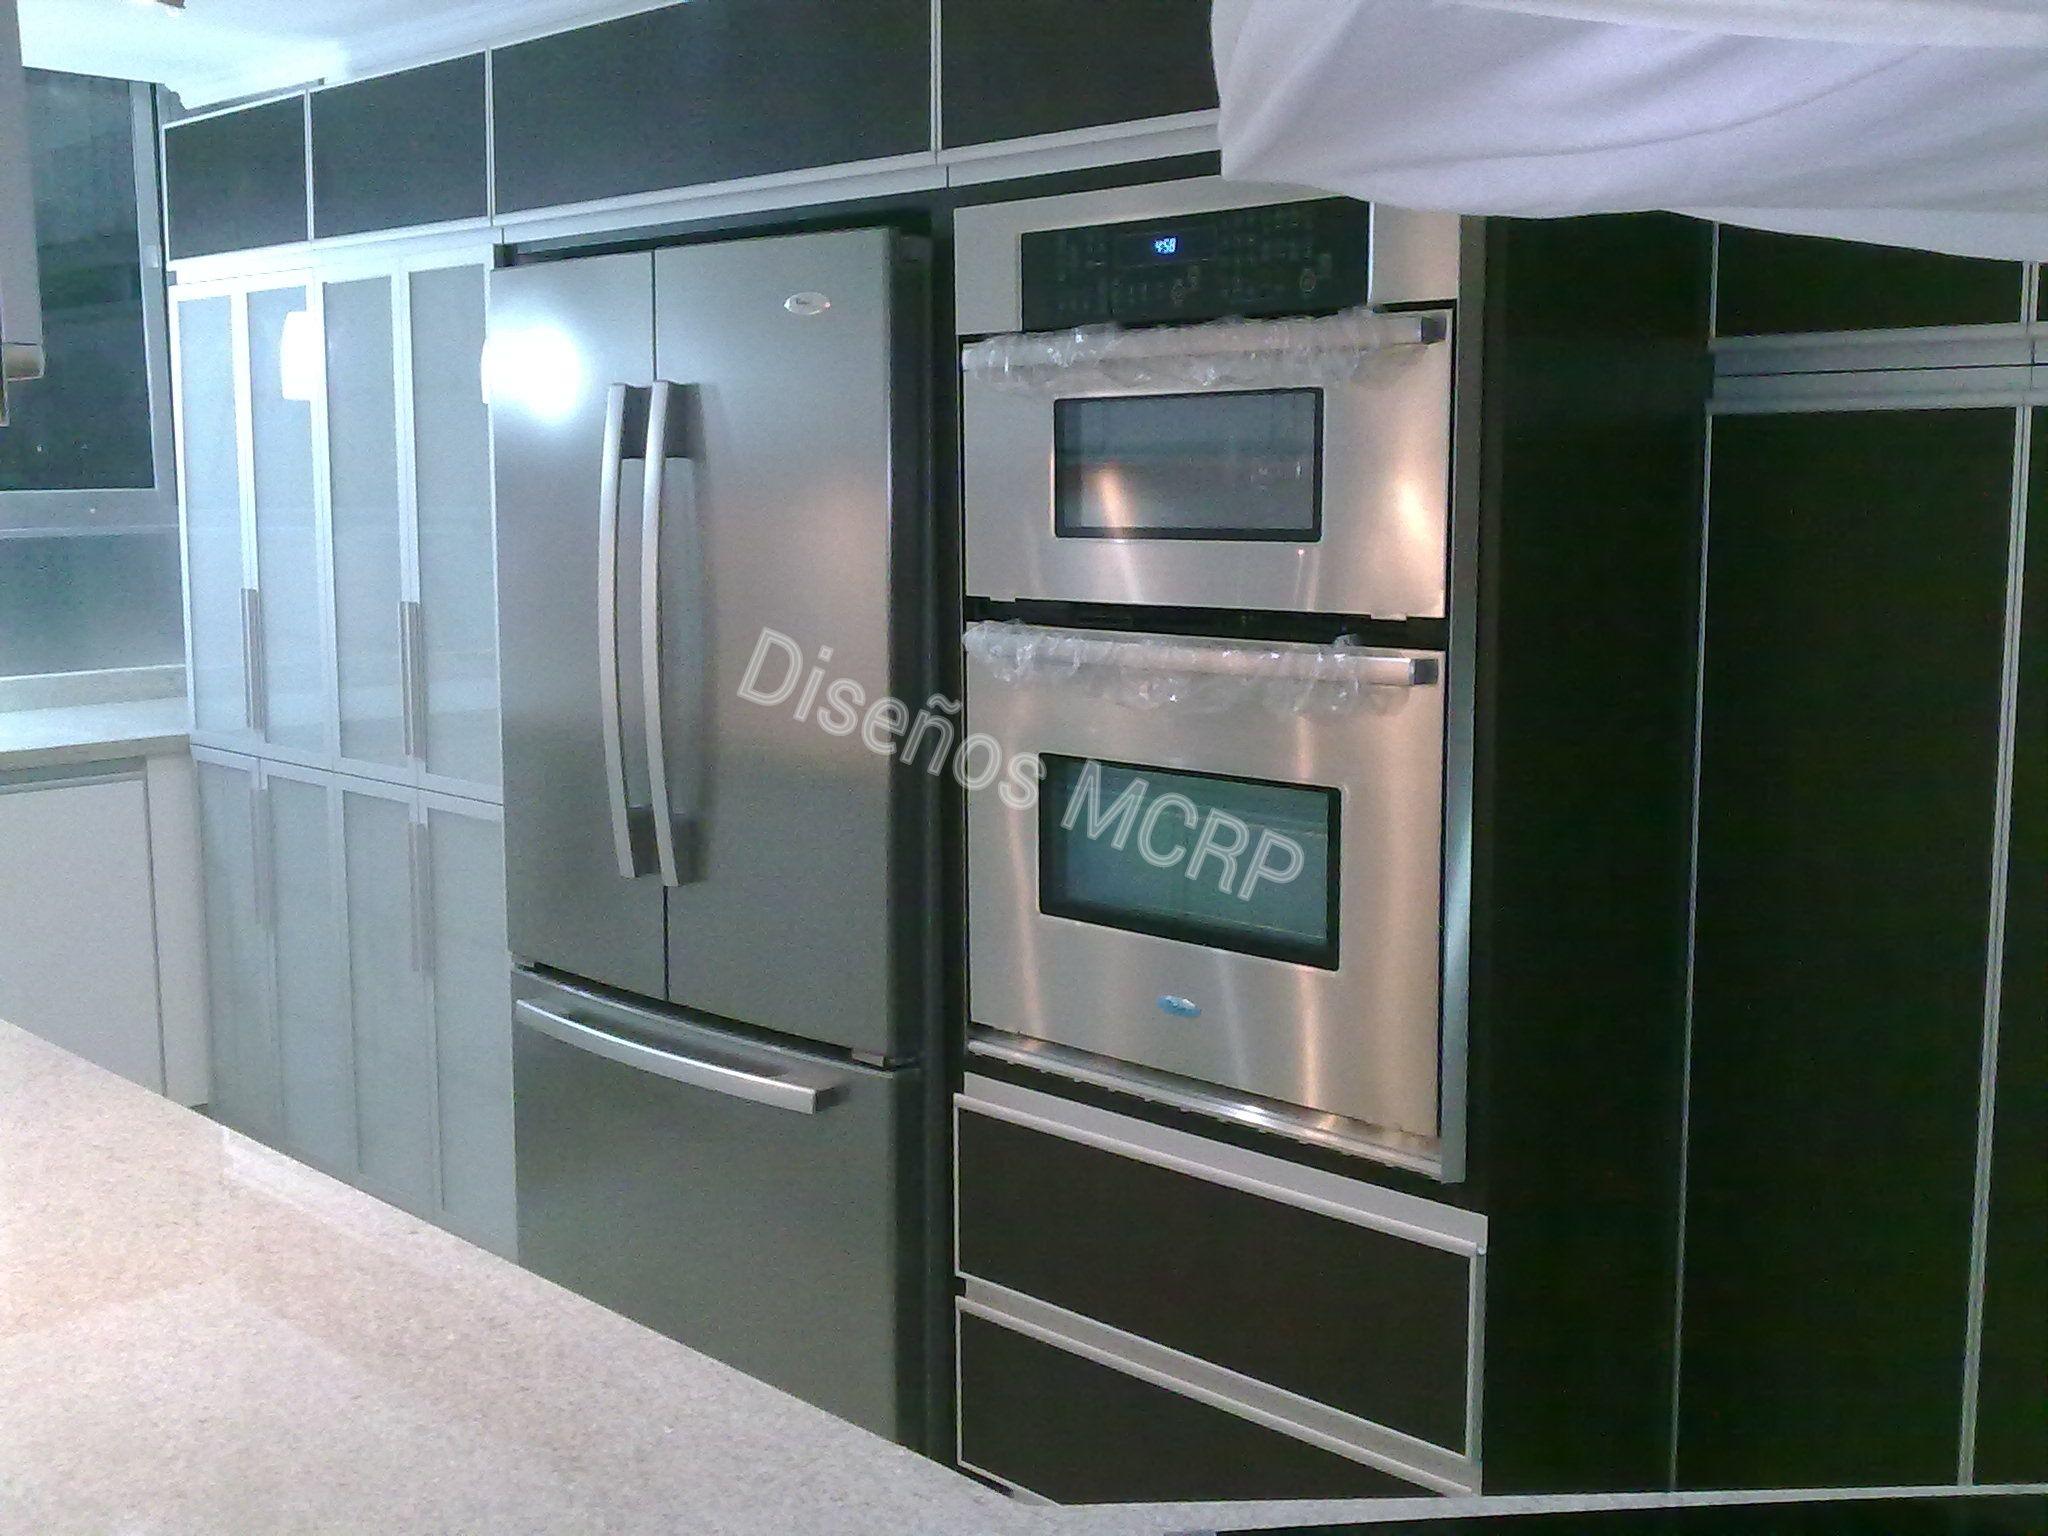 Cocina según diseño área de Horno y Microondas, Nevera y Despensa ...